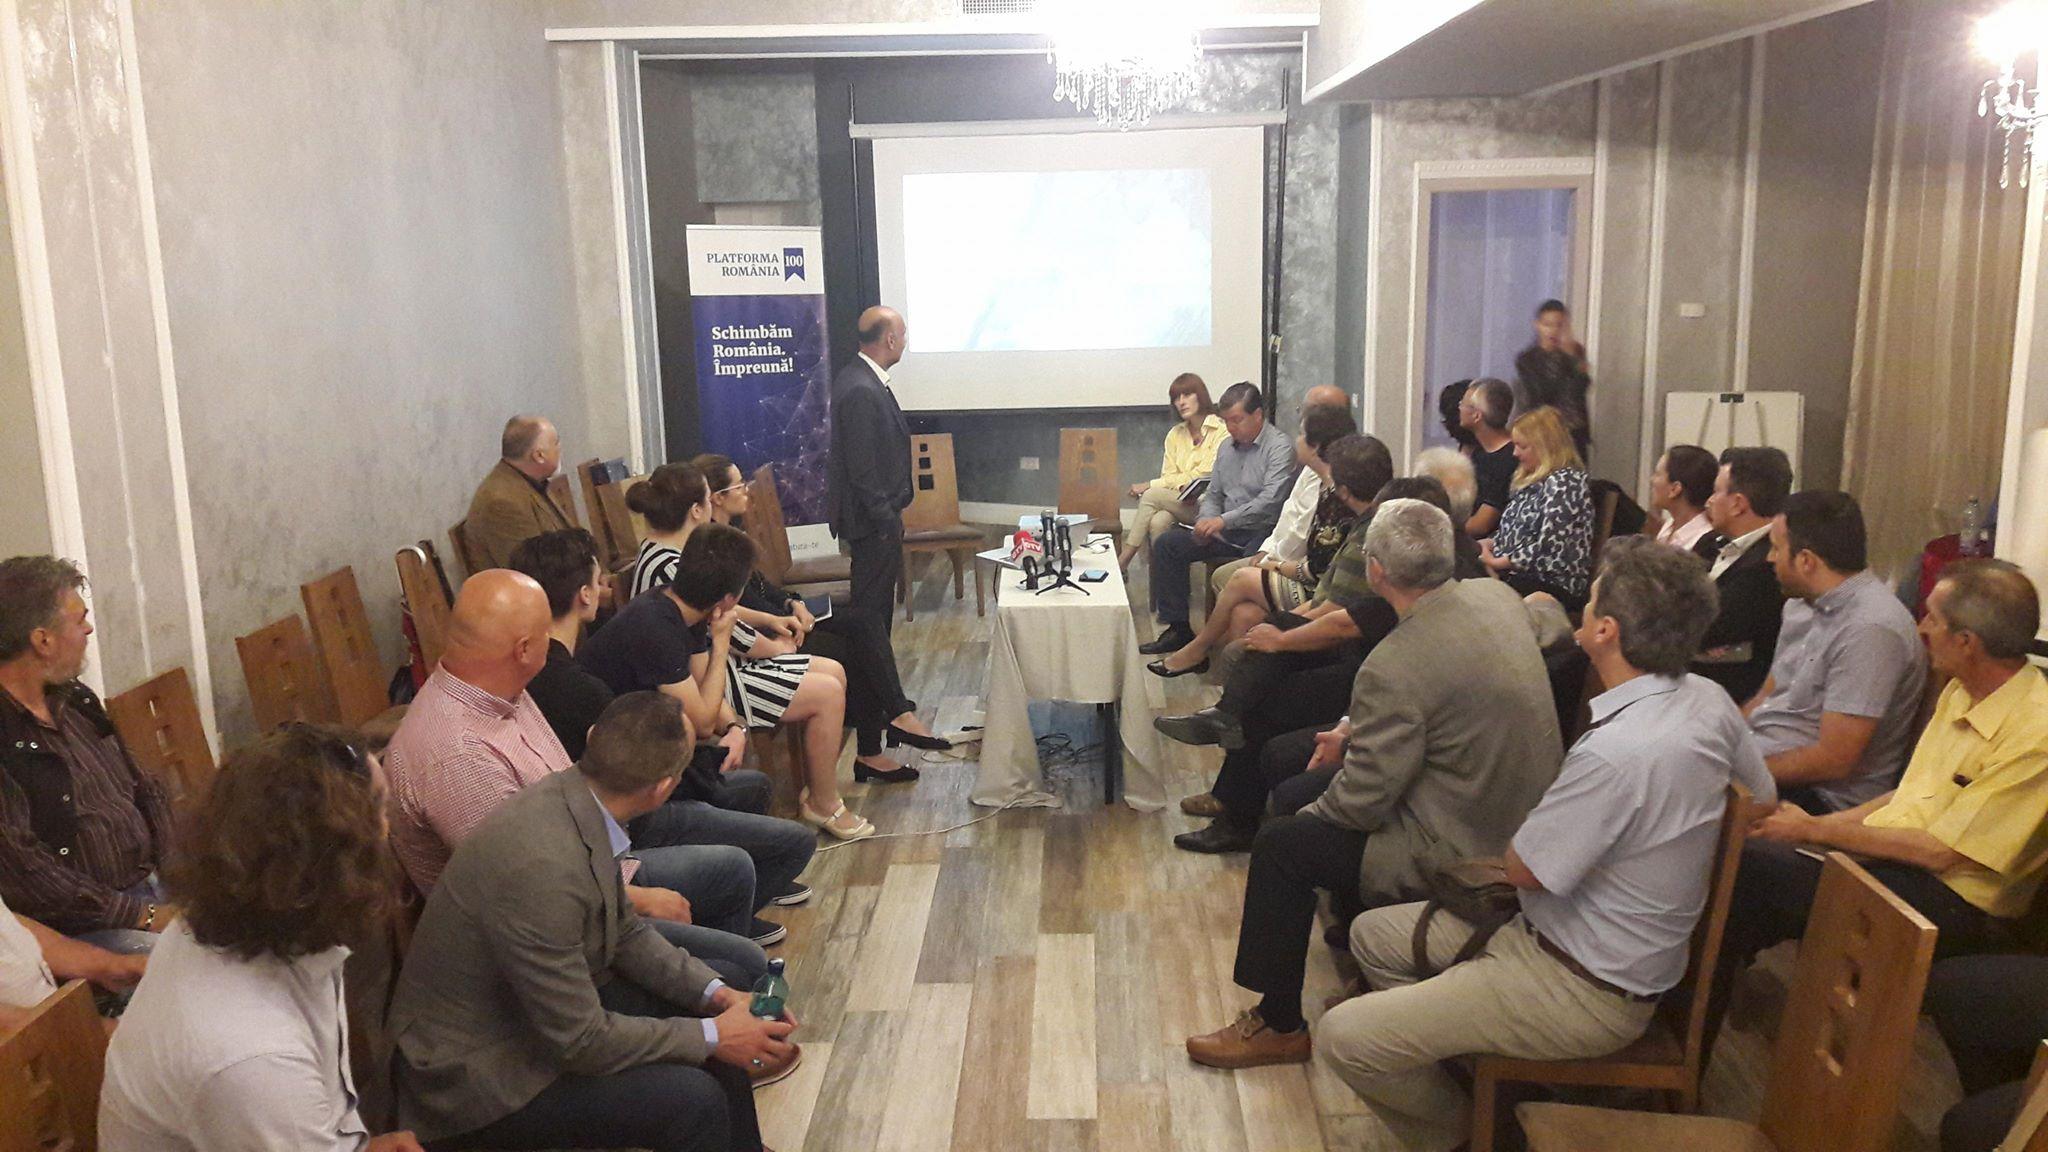 Bubele din învățământ și soluții pentru un act educațional de calitate, dezbătute la Craiova